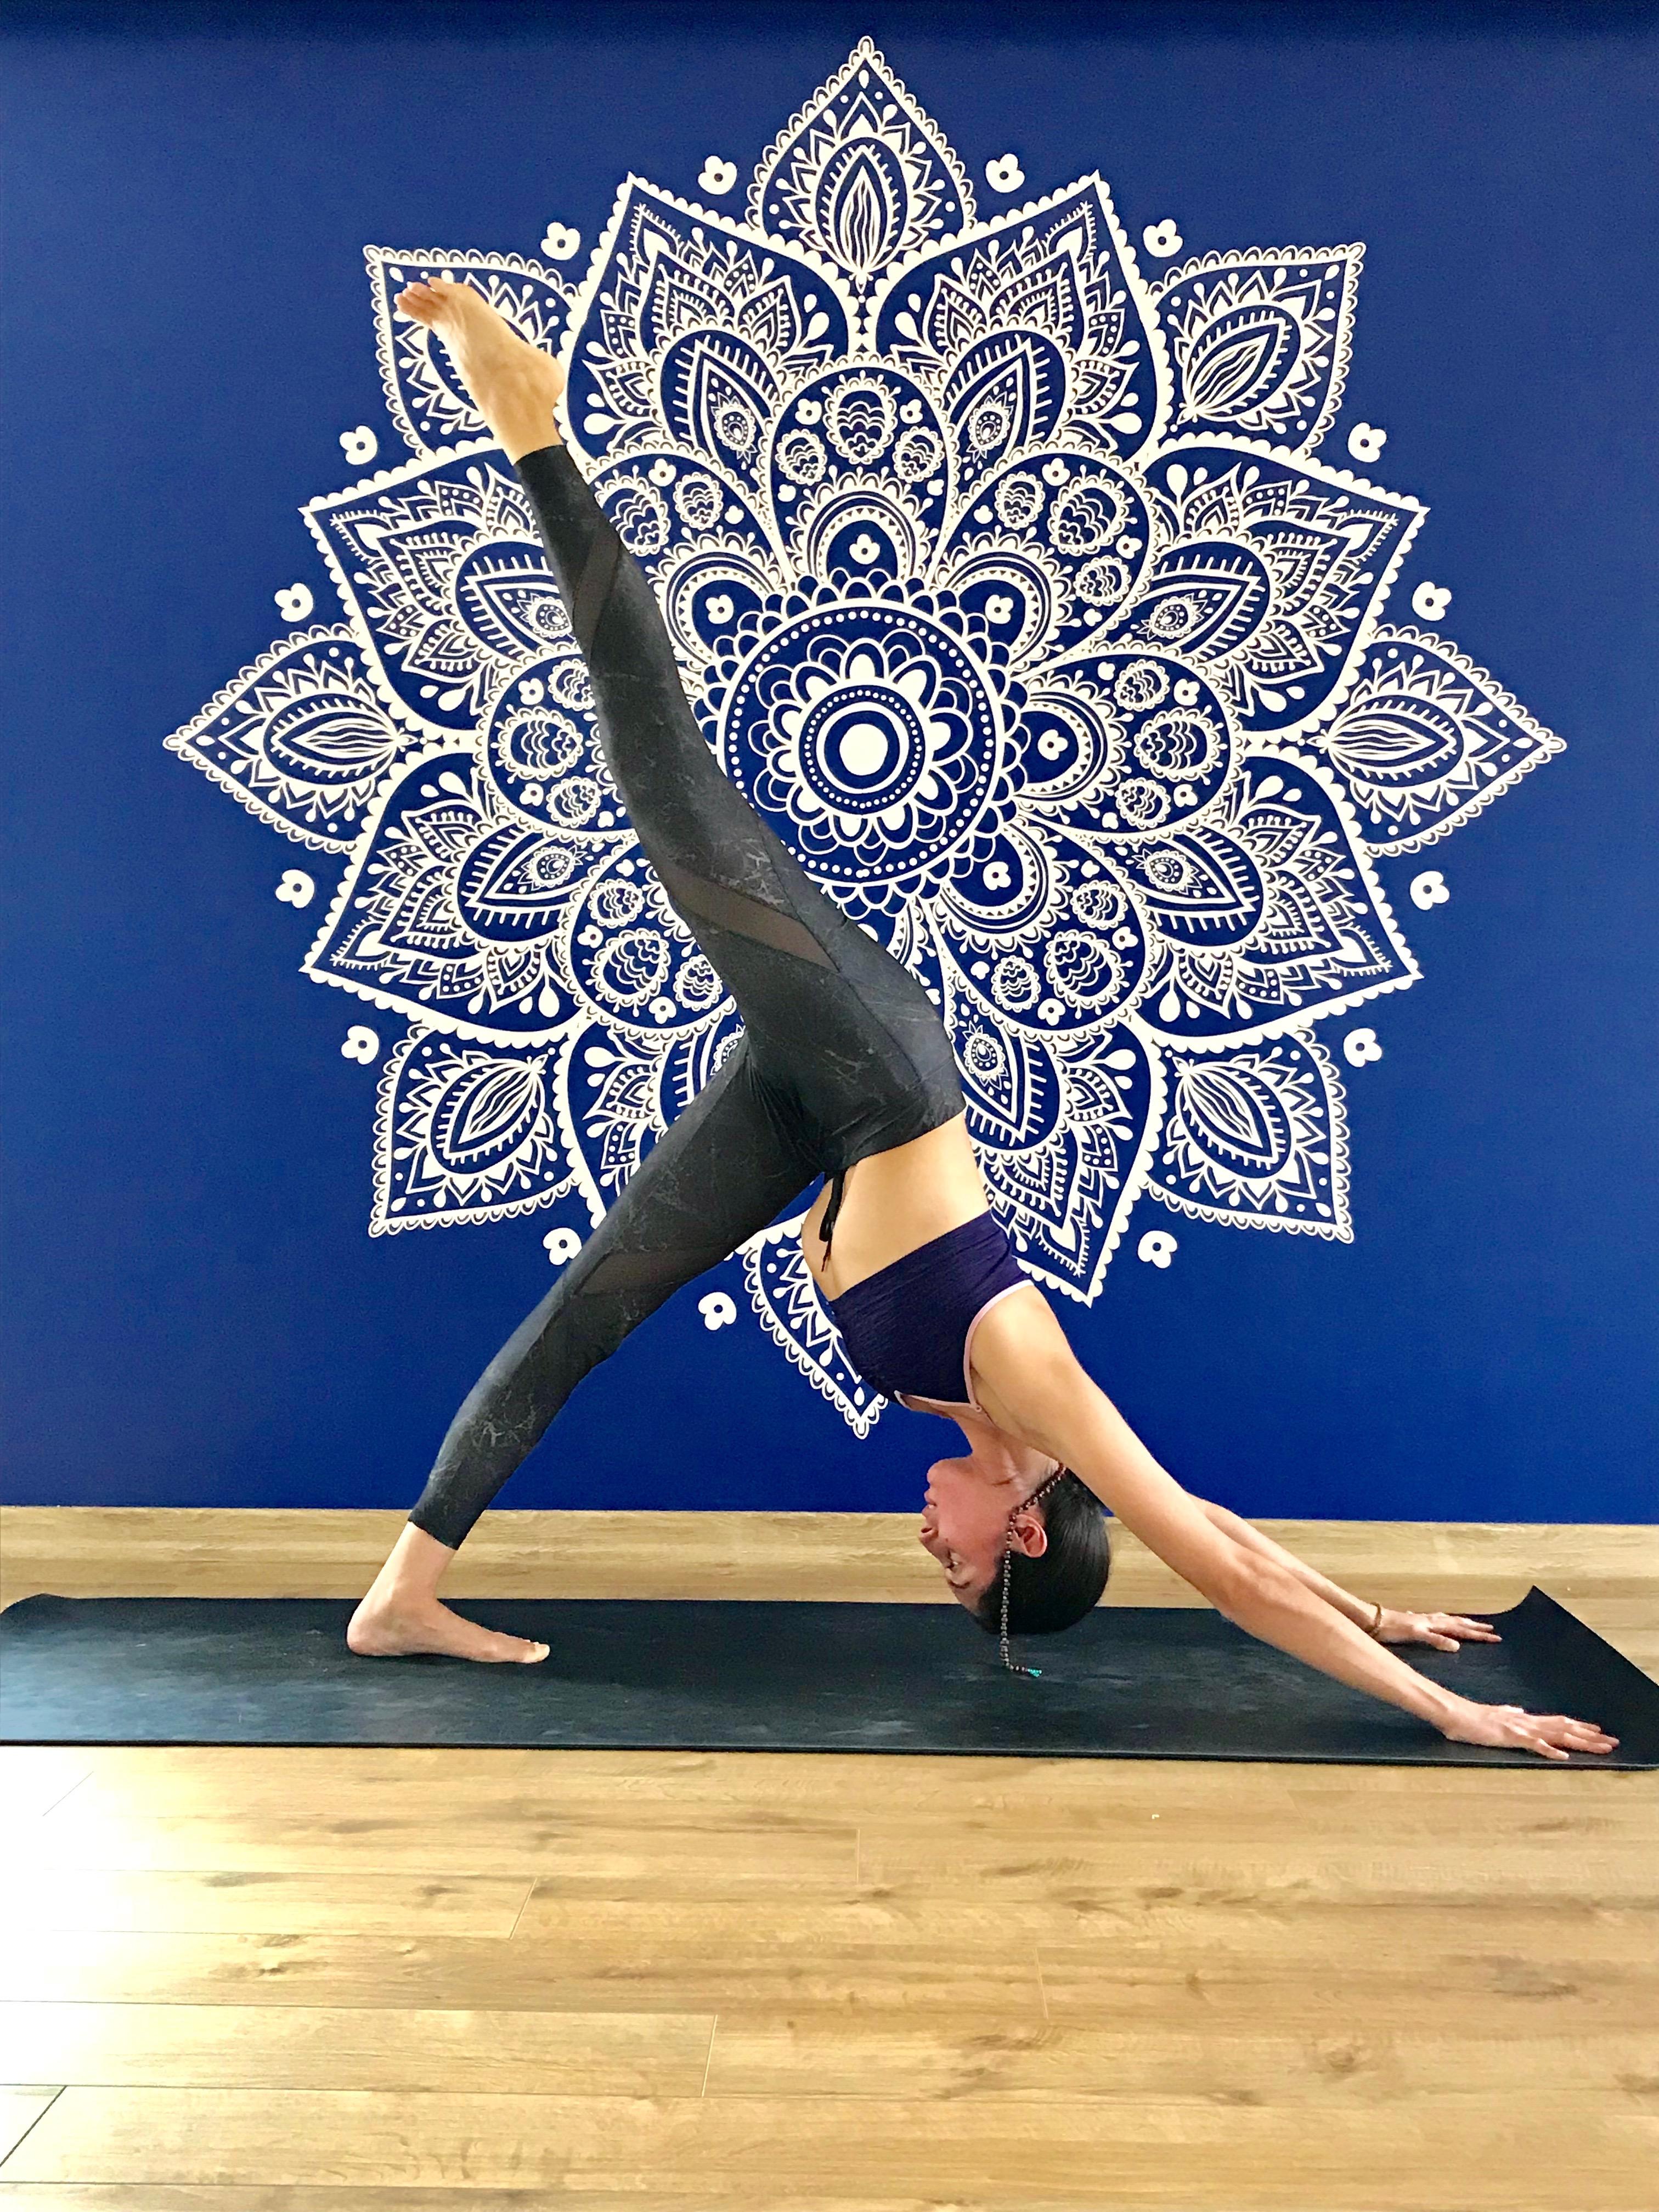 yoga yapan kadın ayakları yukarıda